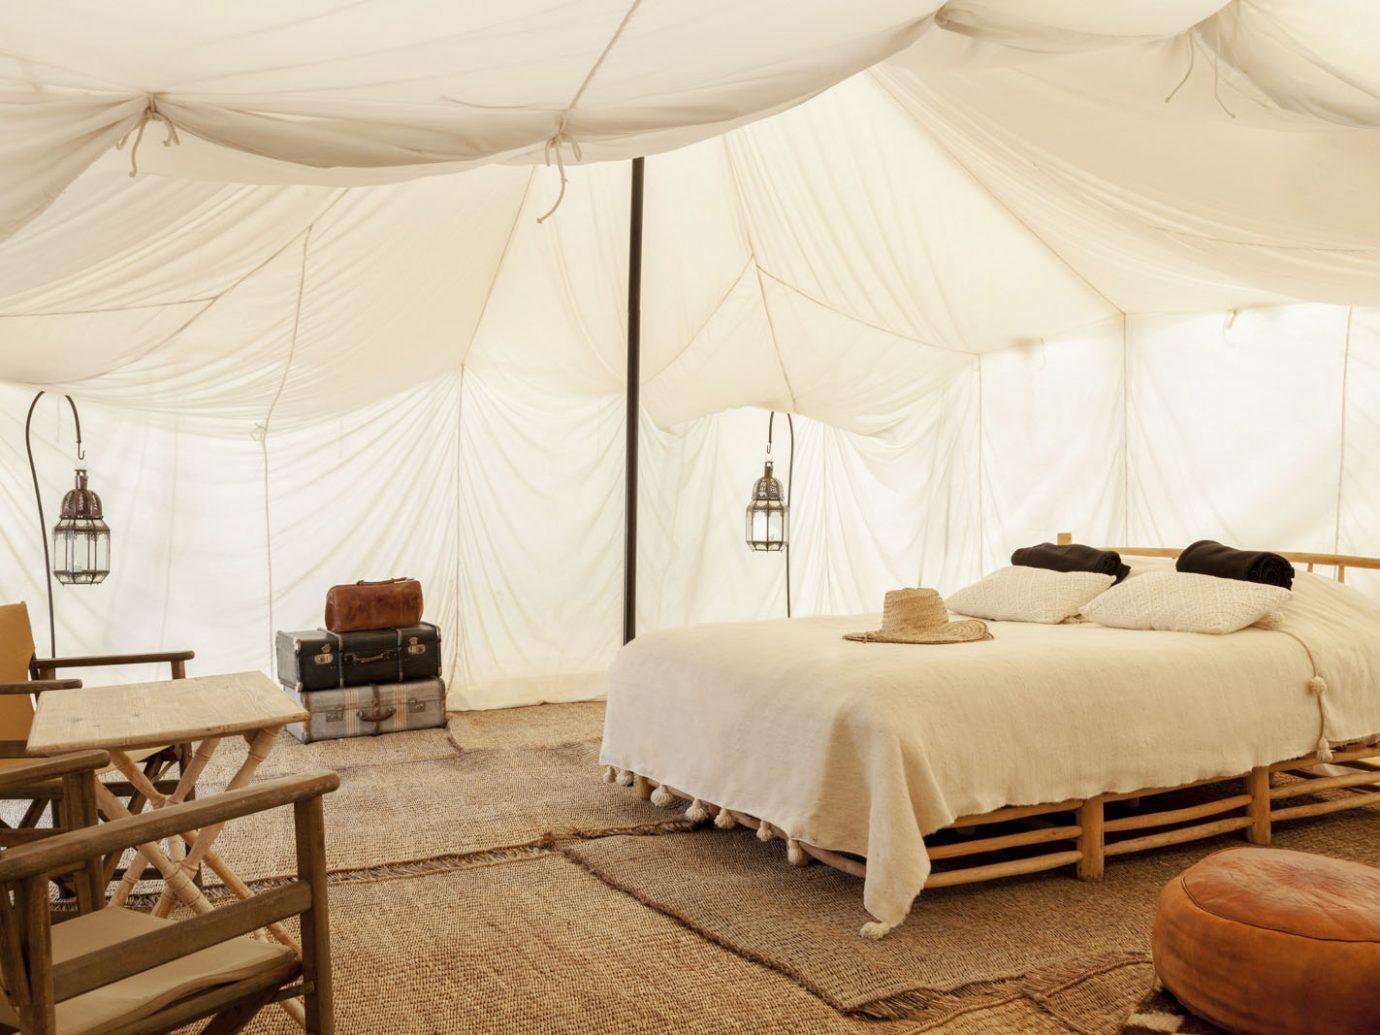 bedroom at Scarebo Camp in Morocco